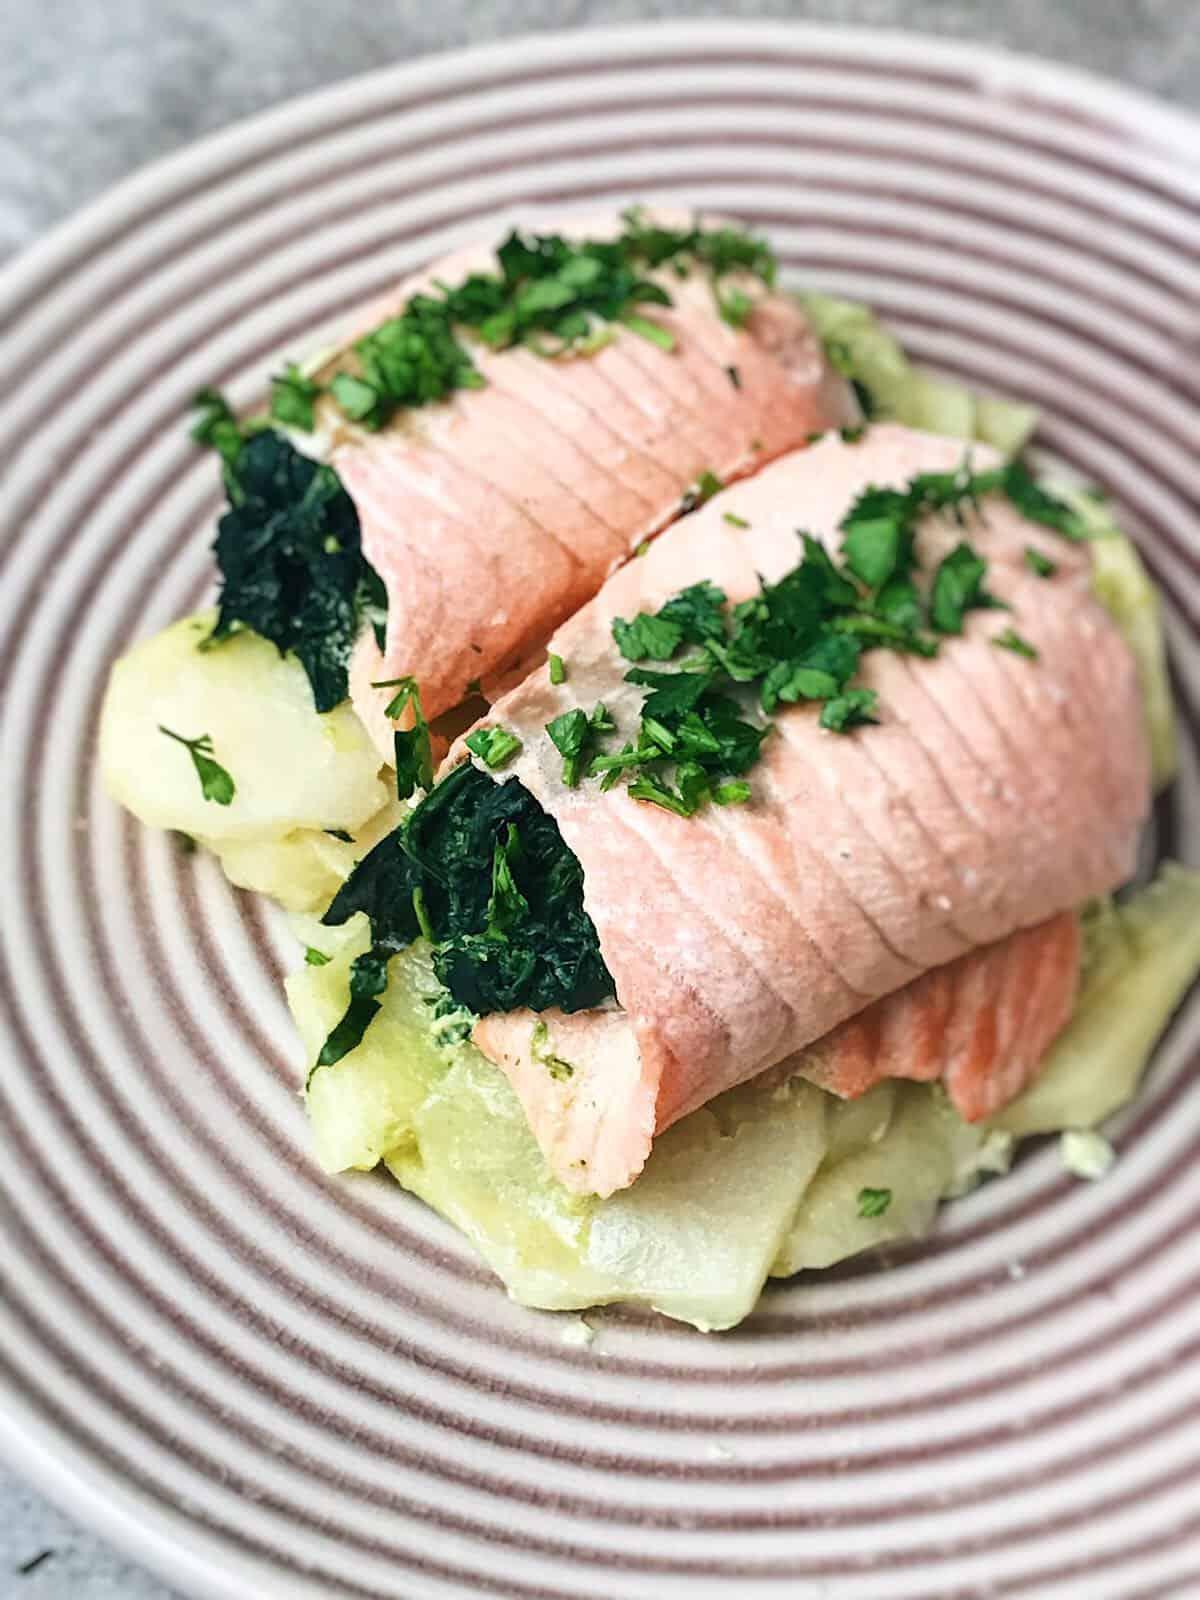 salmón, espinacas y patatas